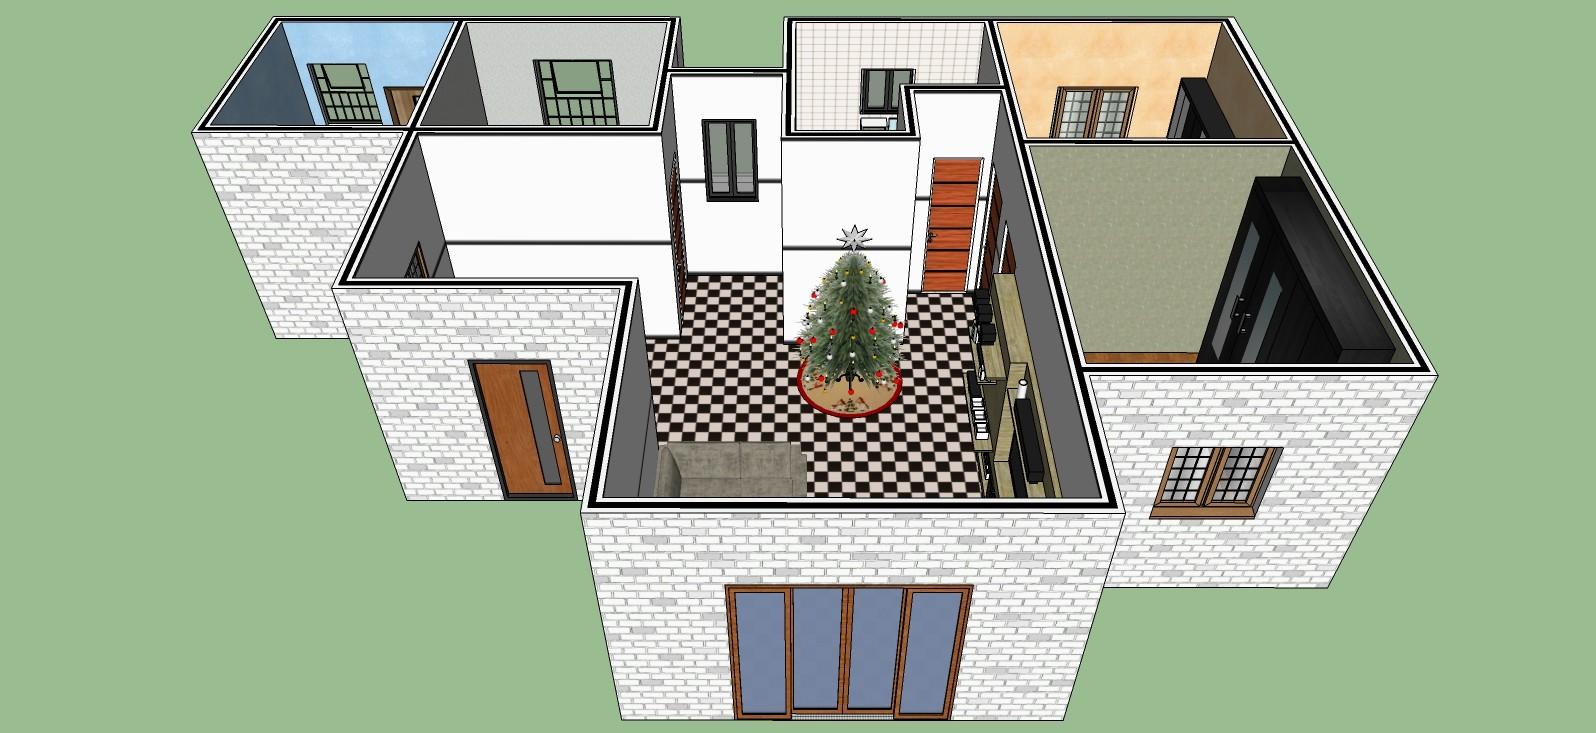 Aline de queiros trabalho grupo projeto casa completo1